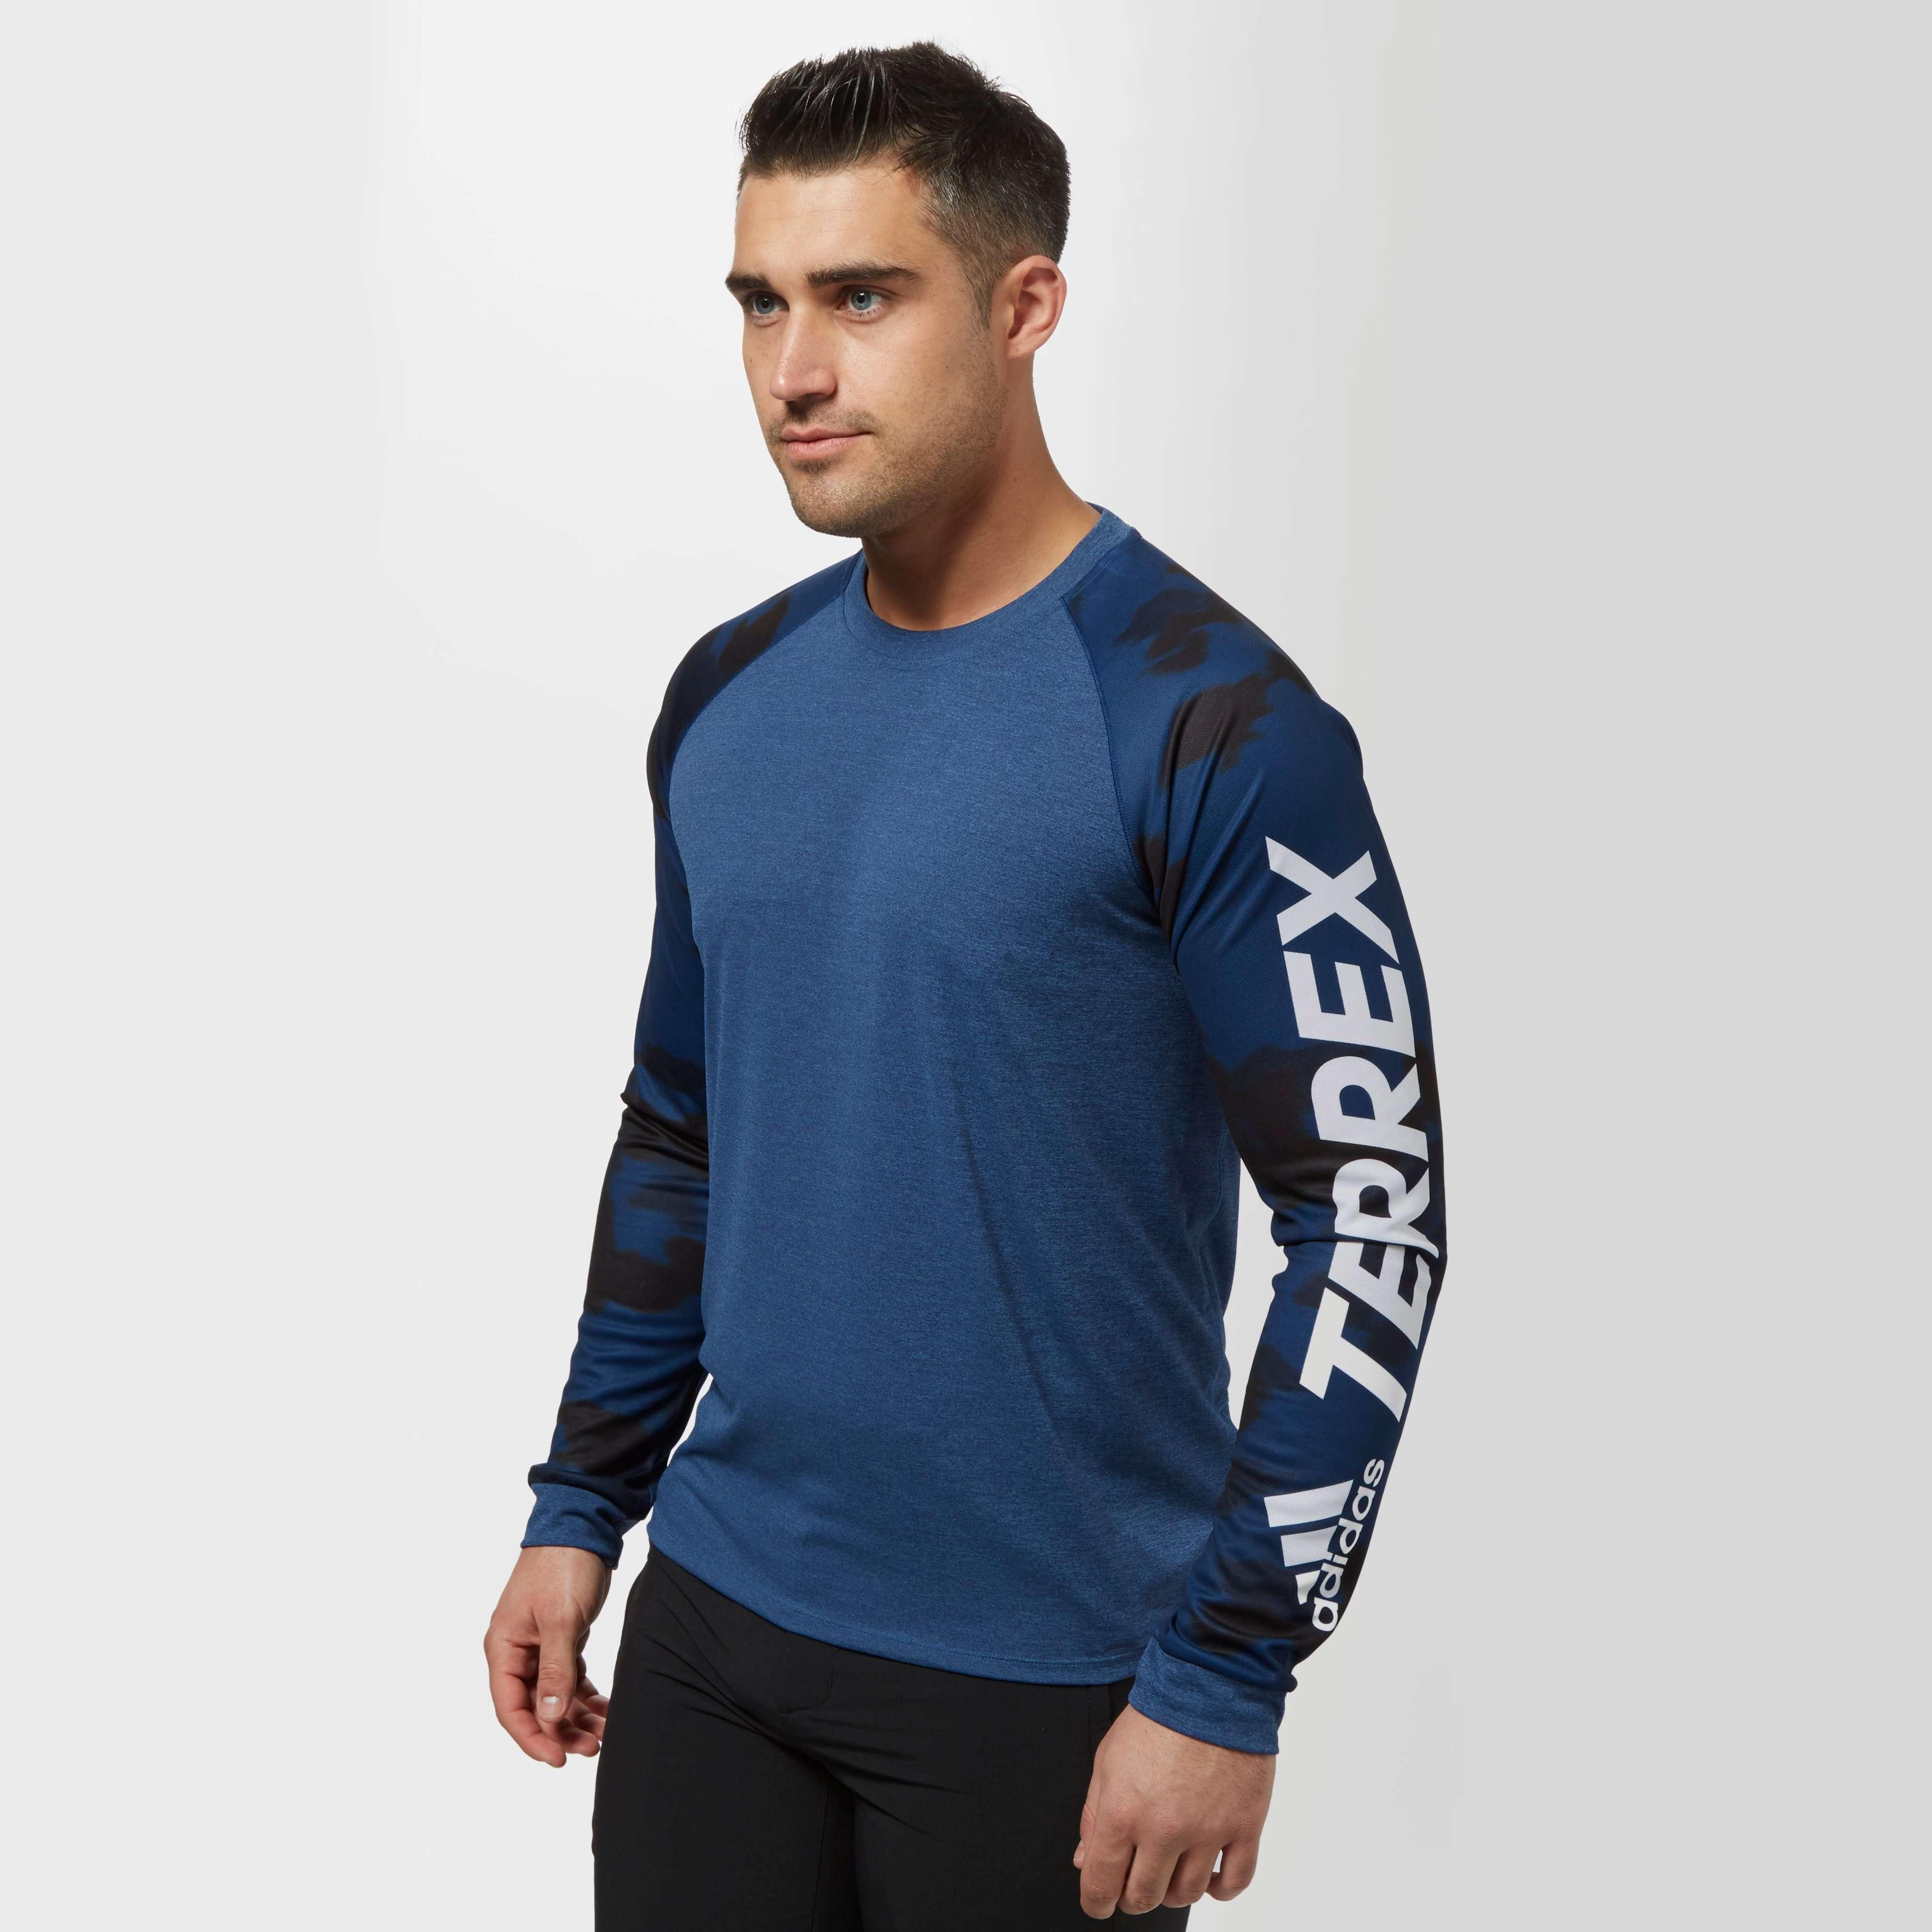 ADIDAS Men's Trailcross Long Sleeve T-Shirt